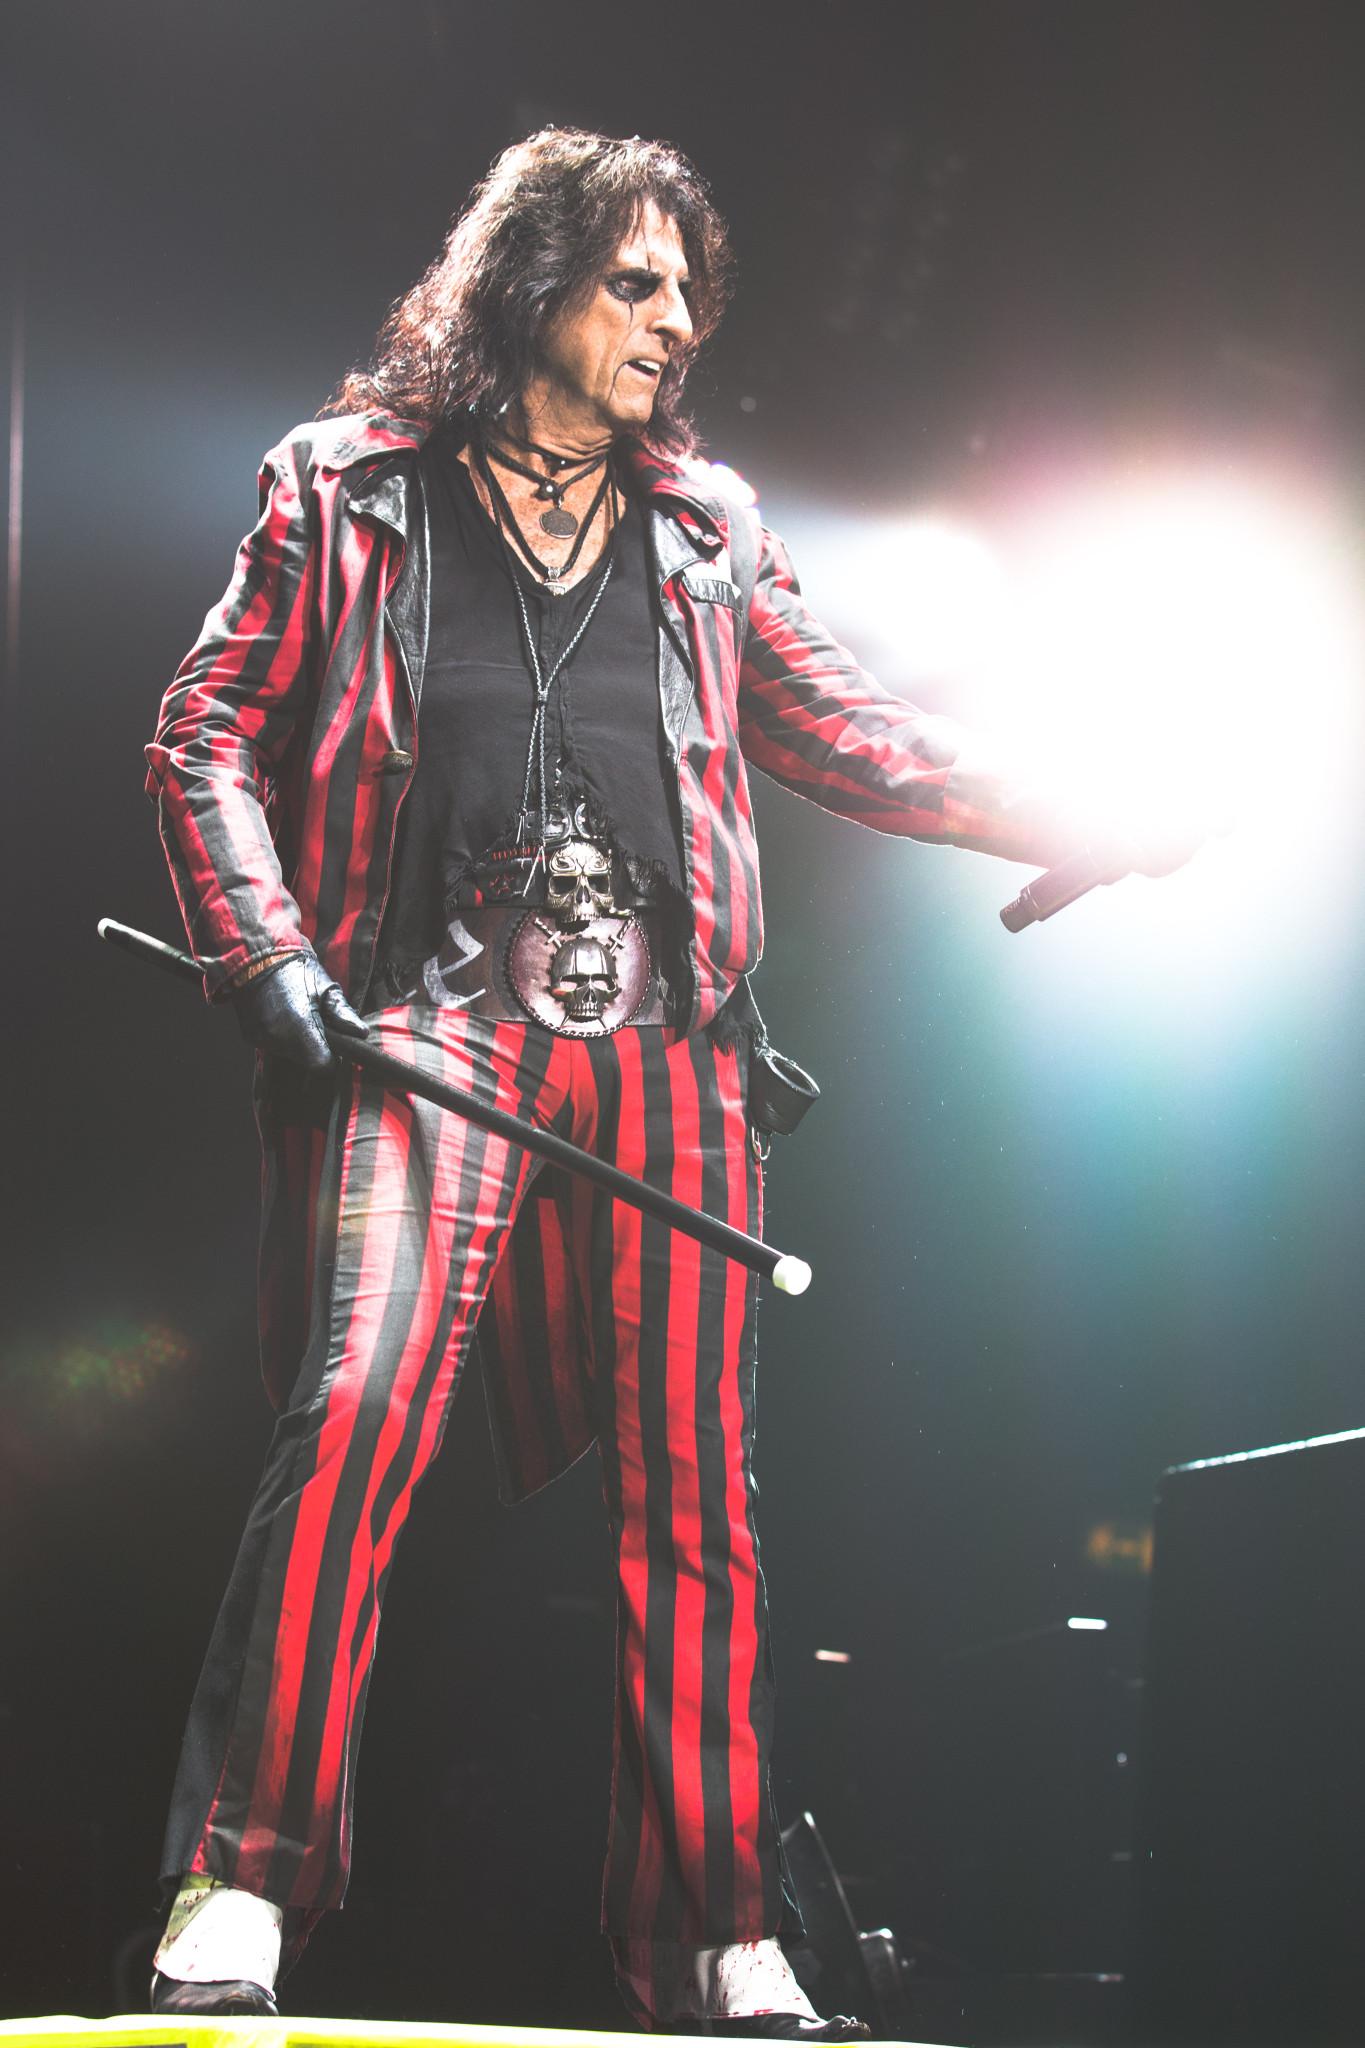 Alice Cooper live at Genting Arena, Birmingham, Britain - 4 Nov 2015